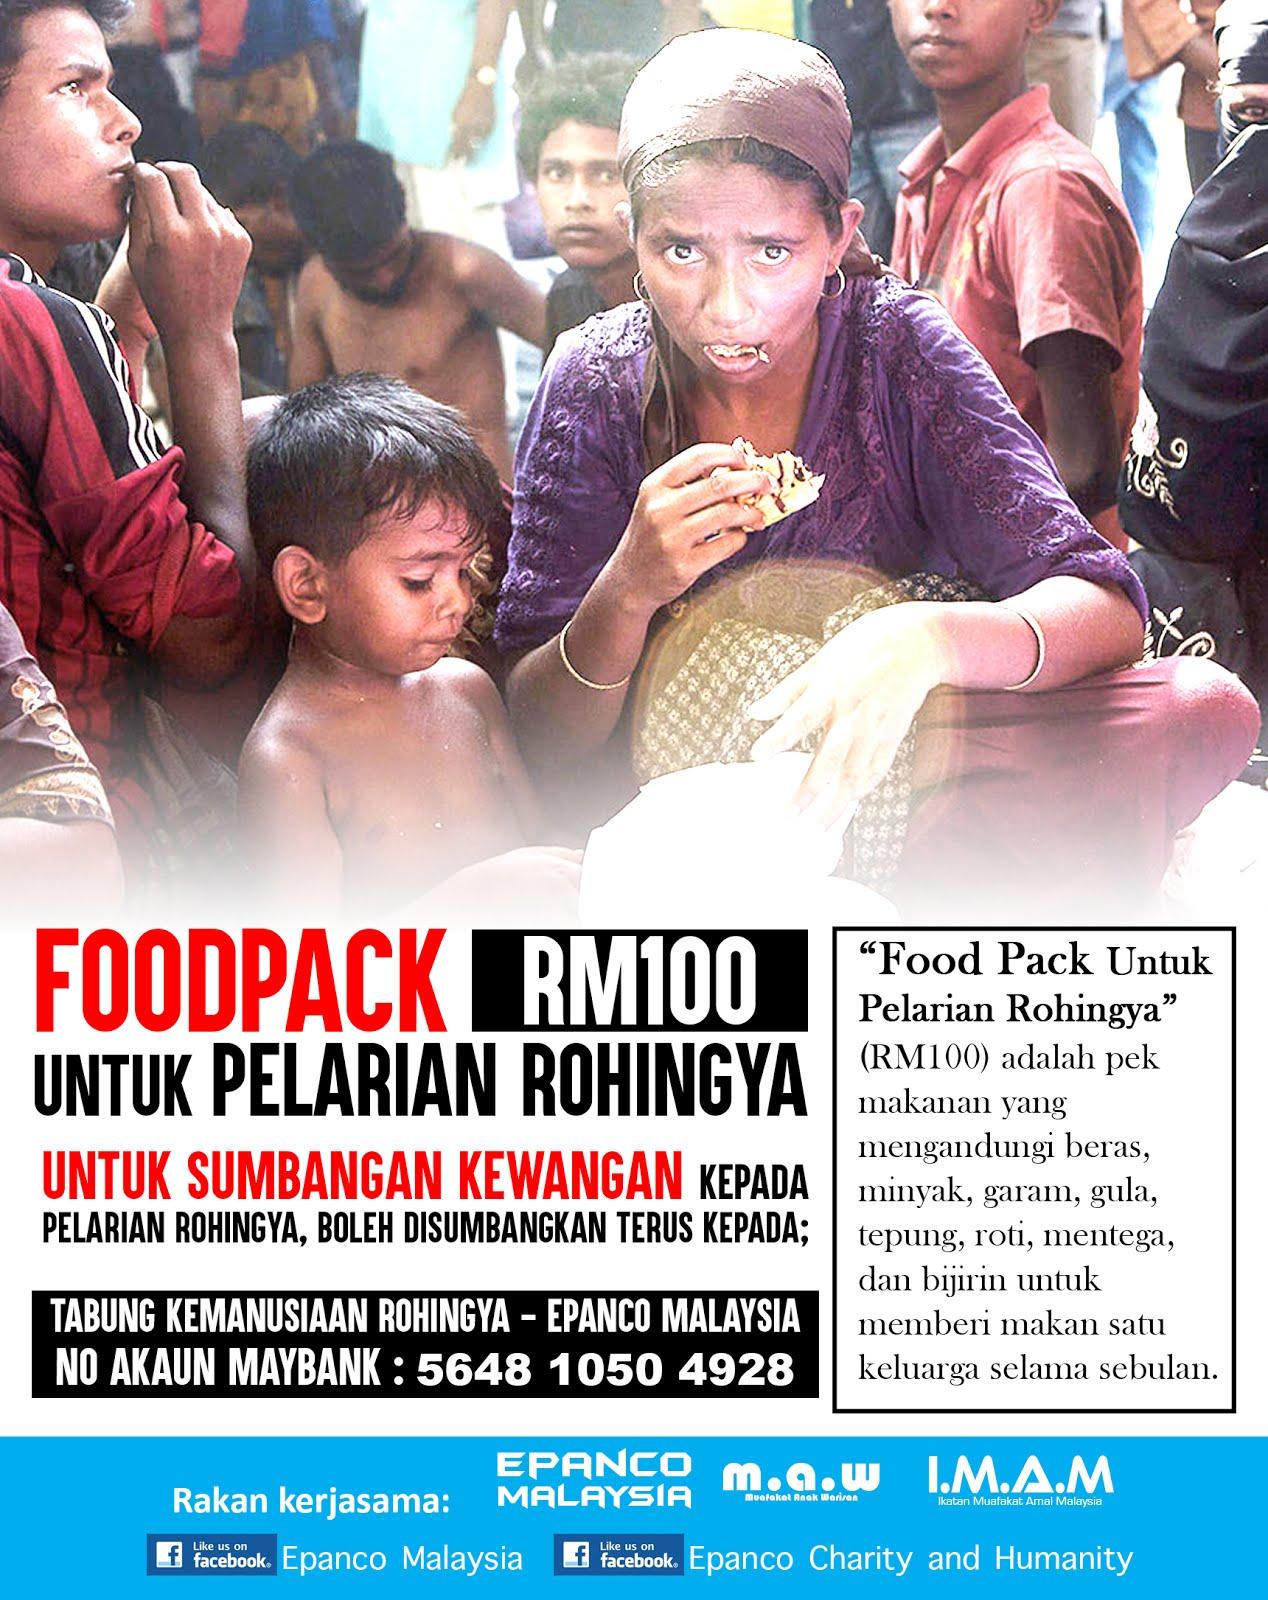 FOODPACK RM100